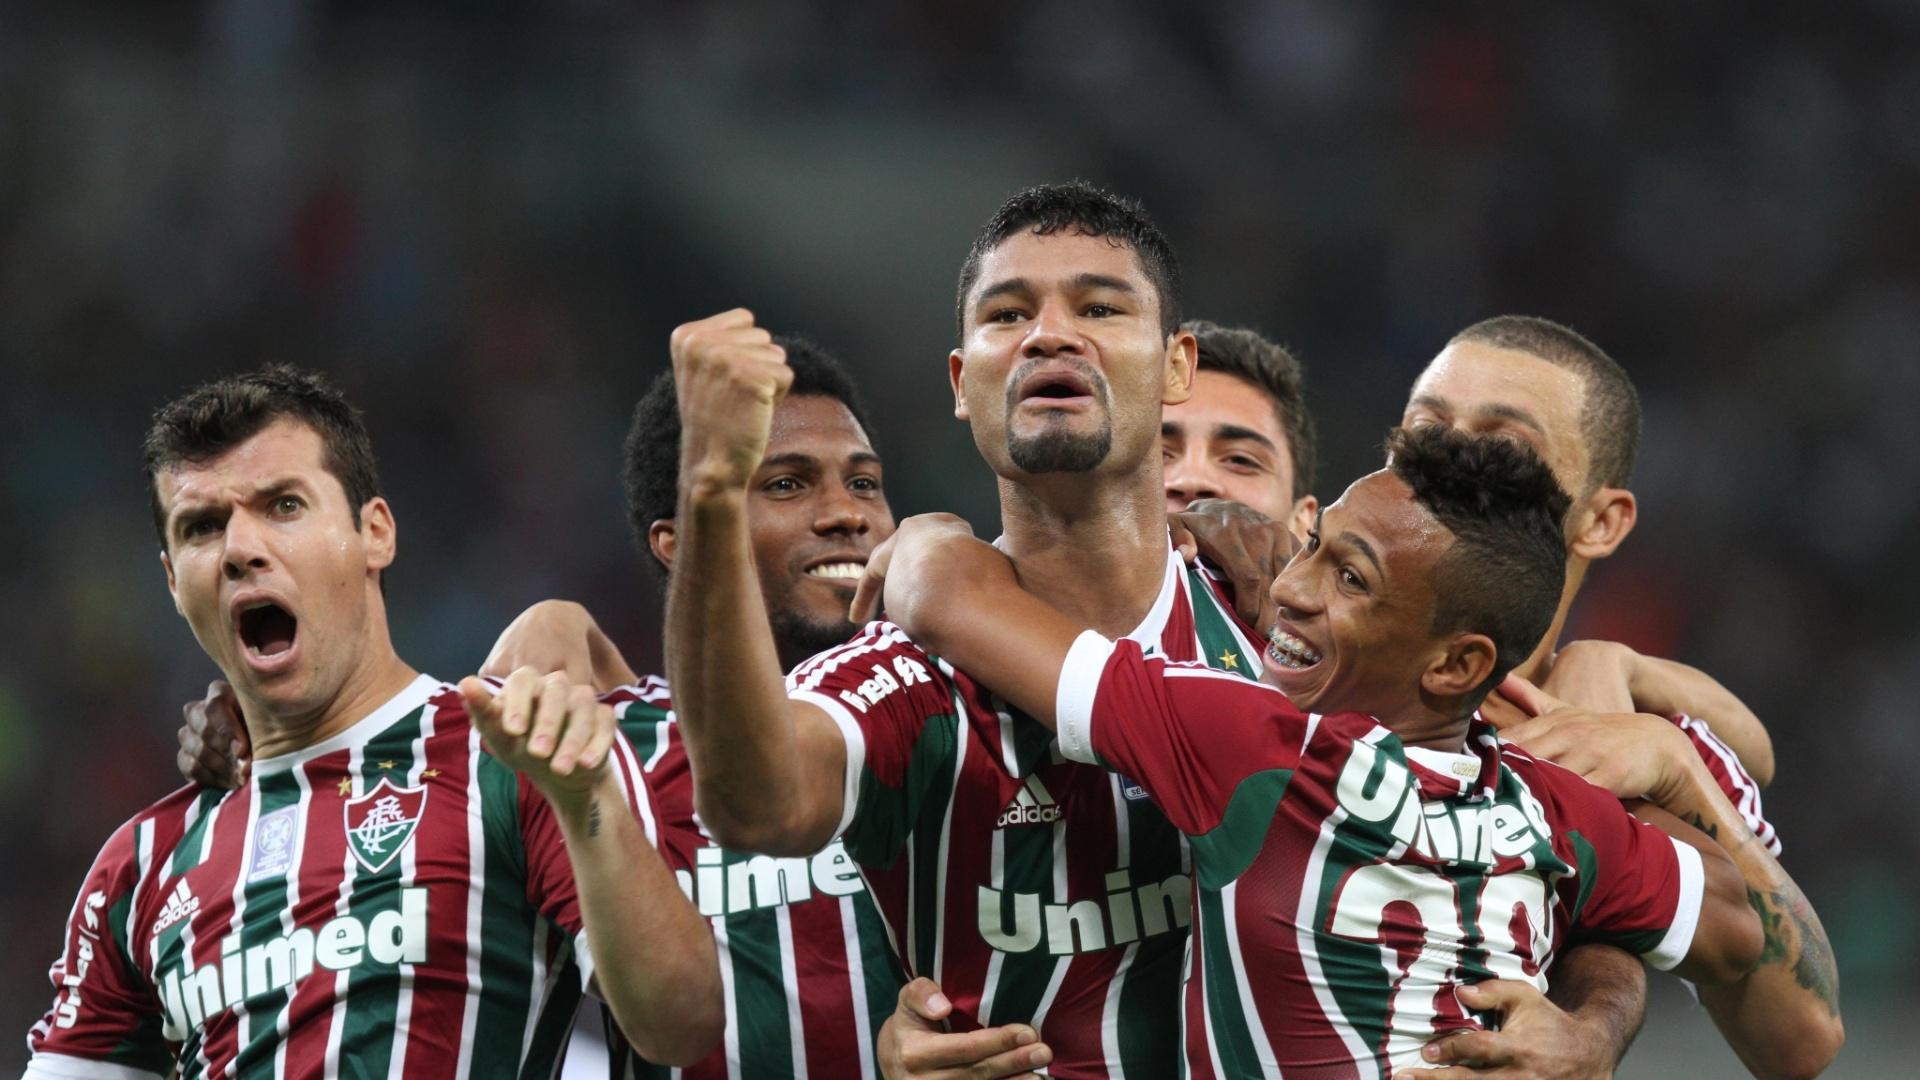 21.set.2013 - Gum, zagueiro do Fluminense, é abraçado pelos companheiros na comemoração do seu gol na partida contra o Coritiba